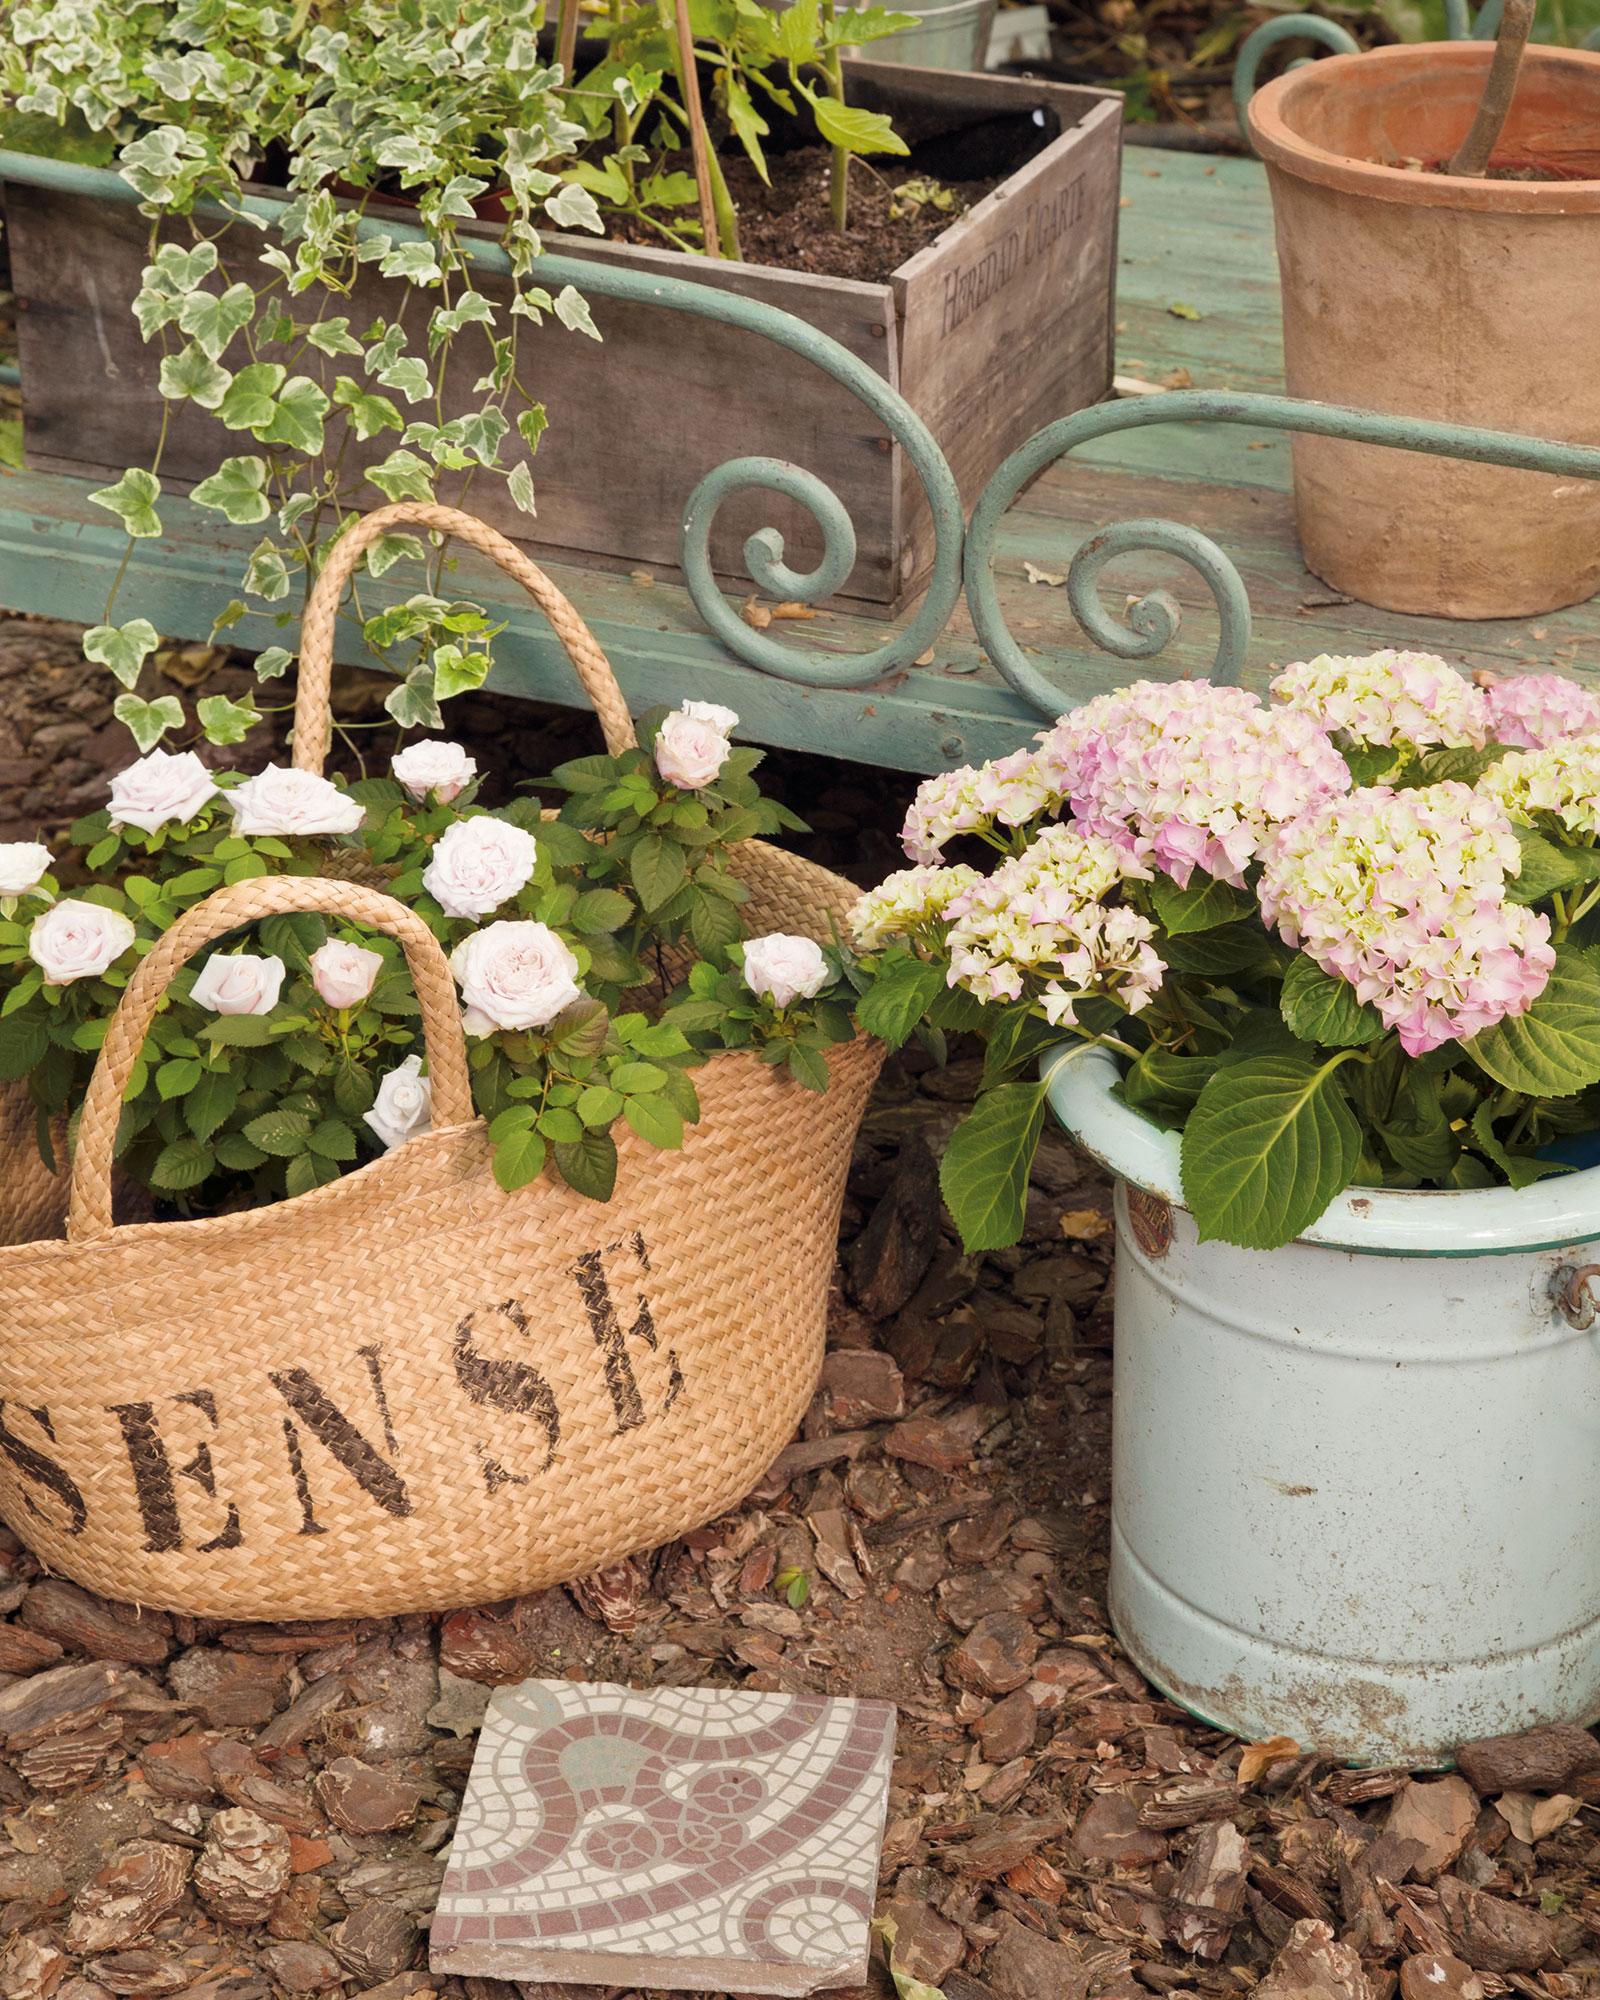 Decorar con cestos est de moda for Entretien jardin cestas